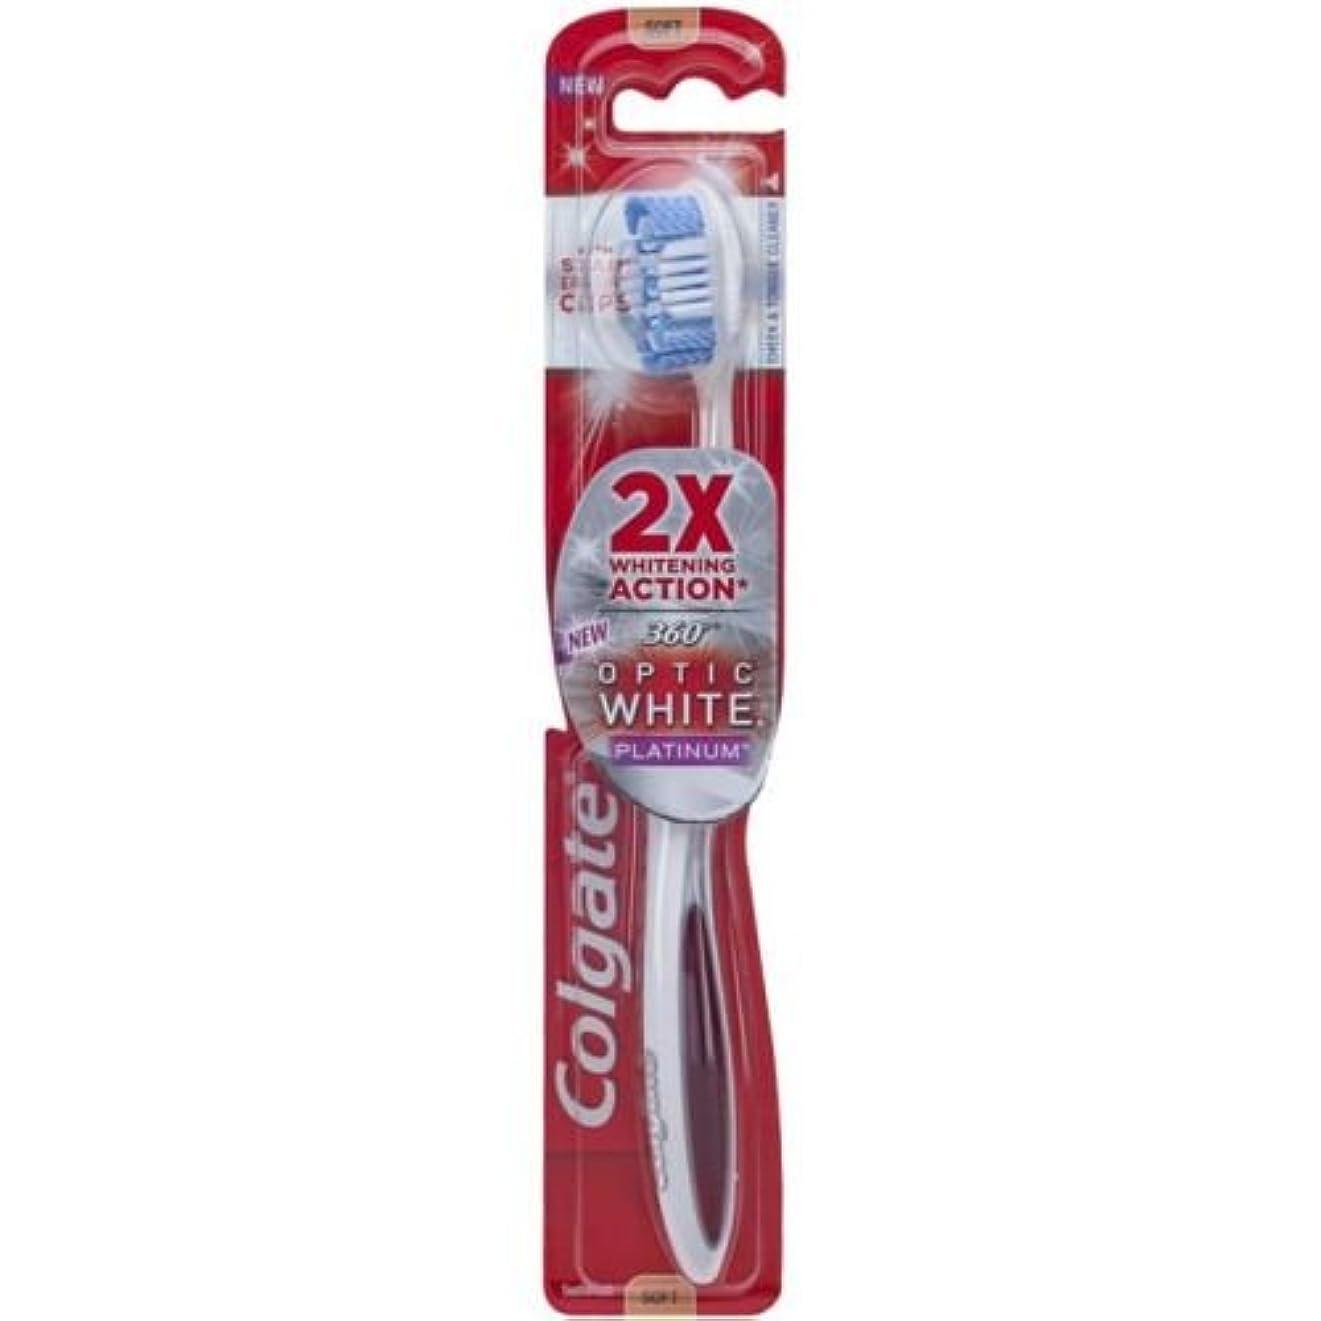 オフセット強要確認するColgate オプティックホワイトコンパクトヘッドミディアム毛の歯ブラシプラスホワイトニングペンジェル - ケースあたり6。